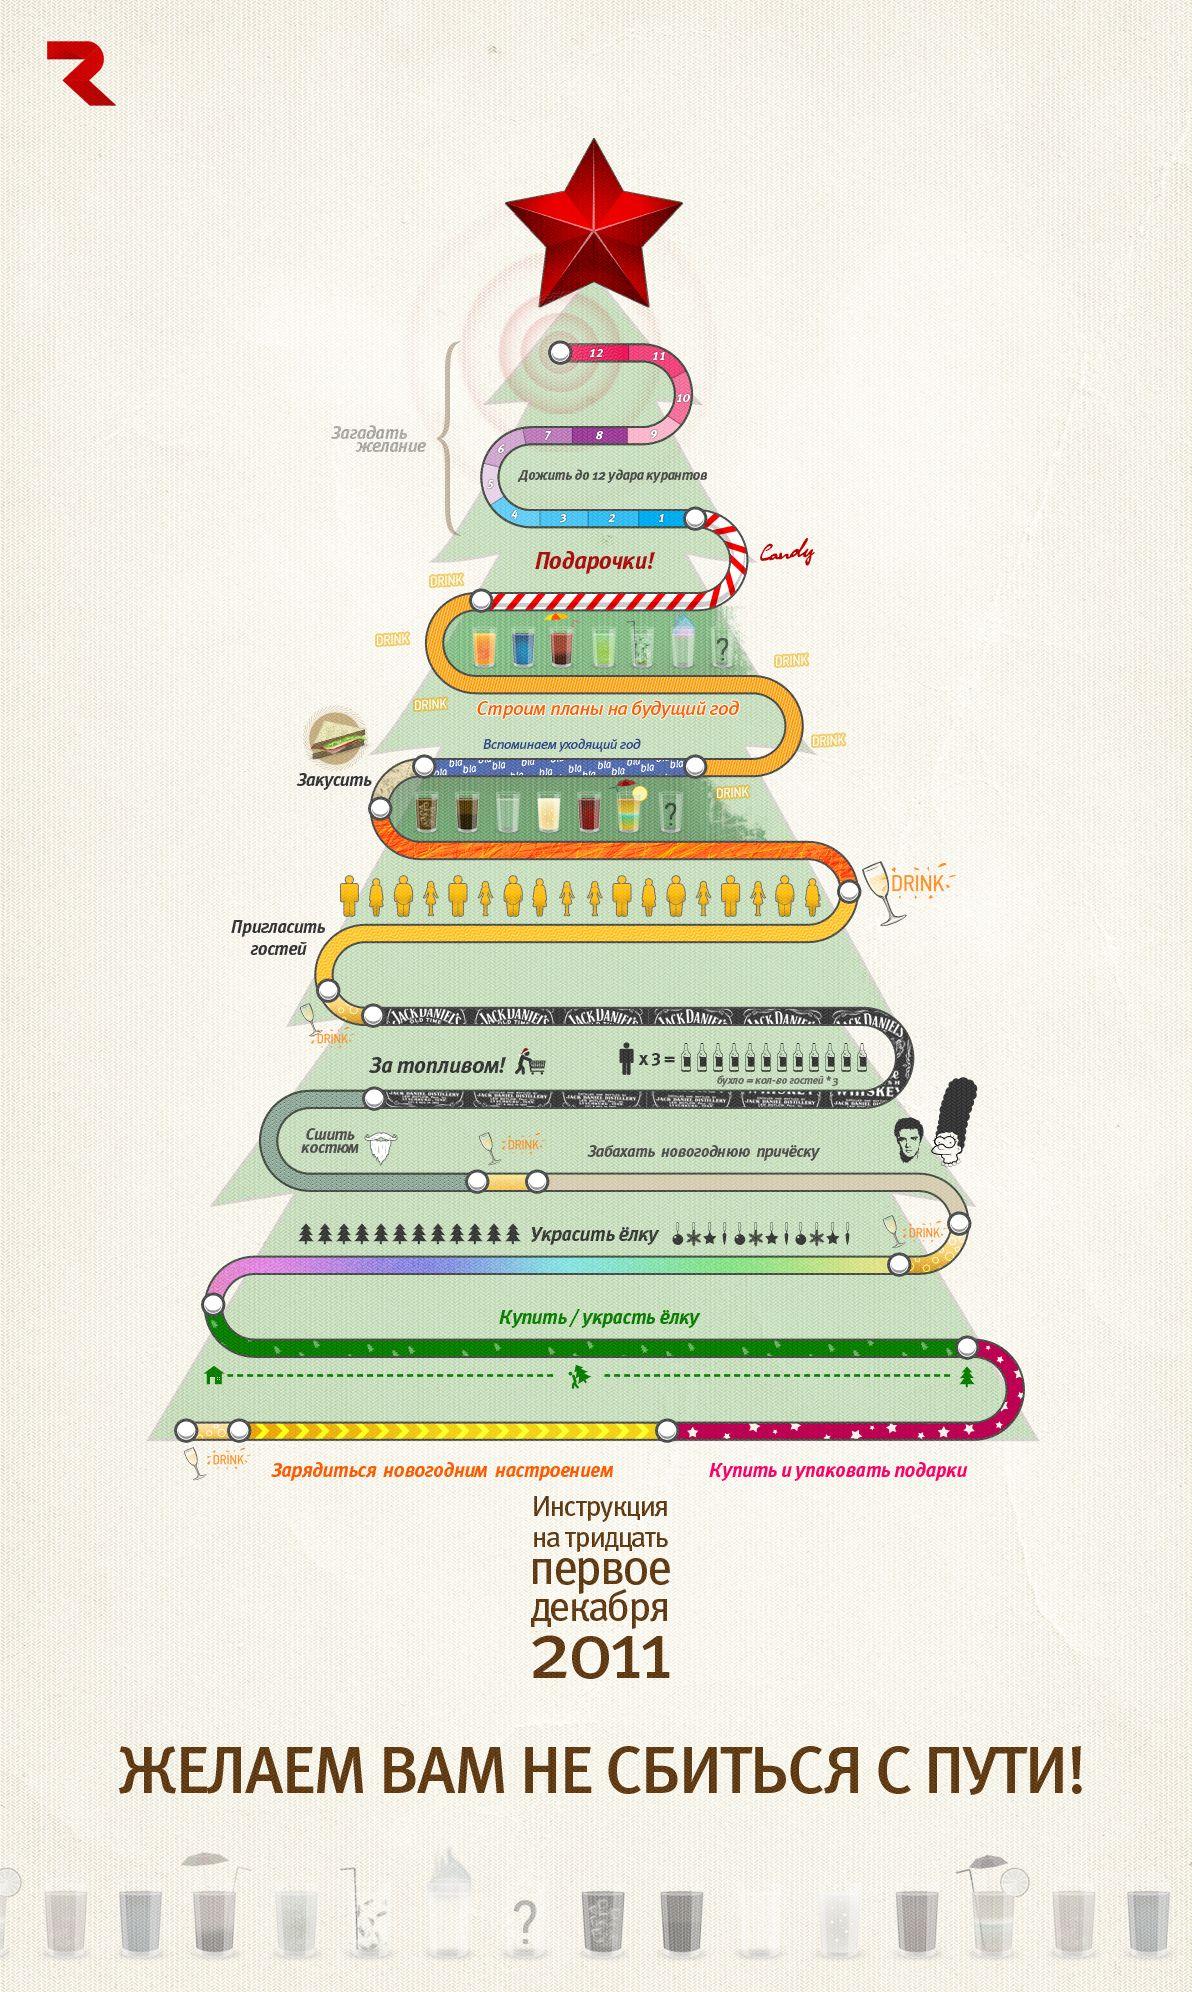 Инфографика: Инструкция на тридцать первое декабря